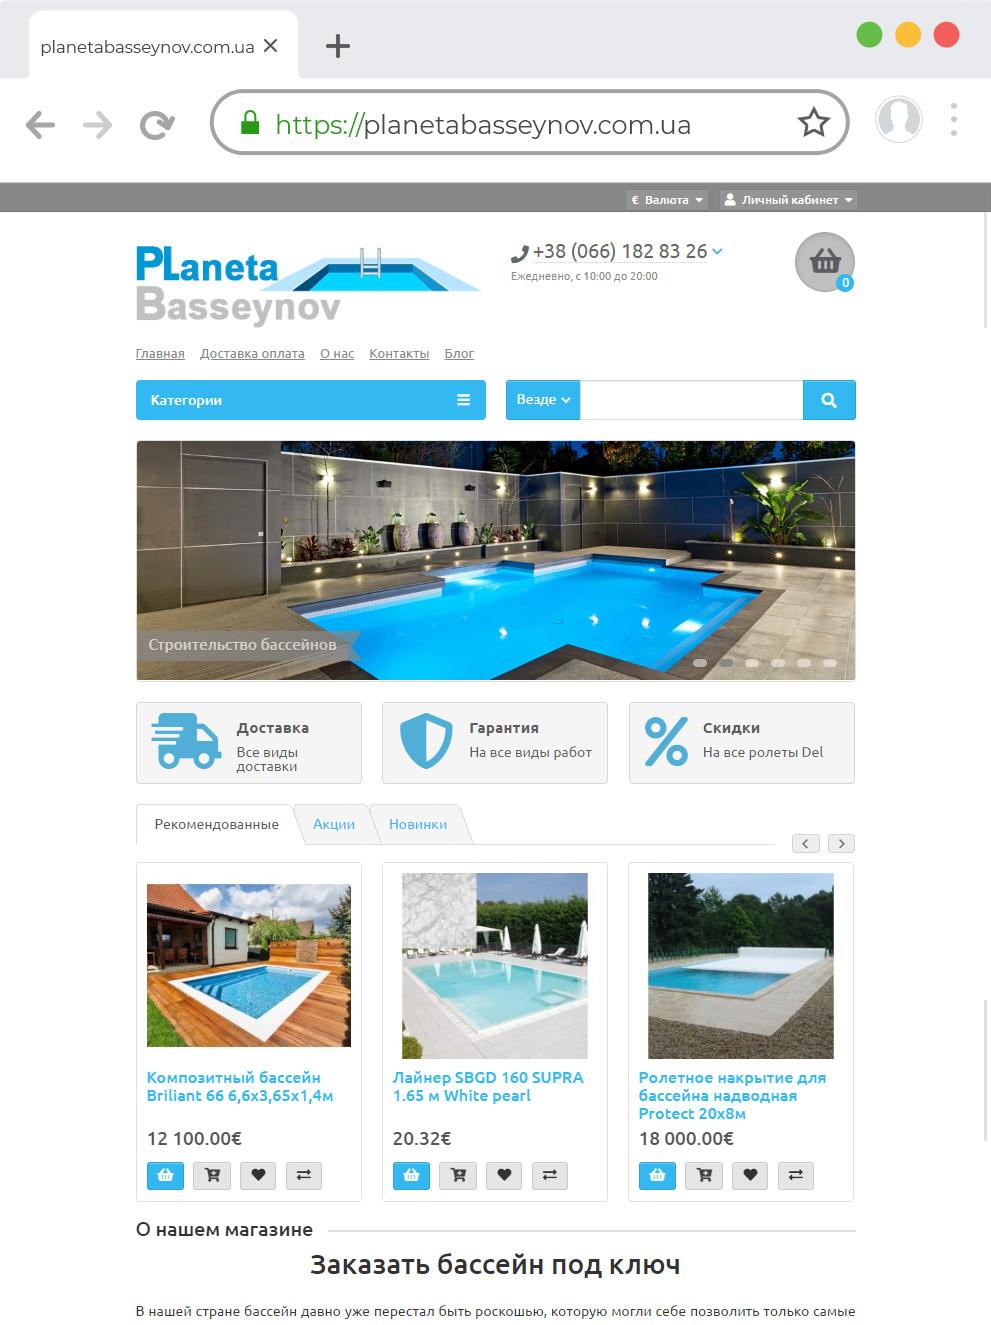 Разработка интернет магазина по строительству бассейнов под ключ